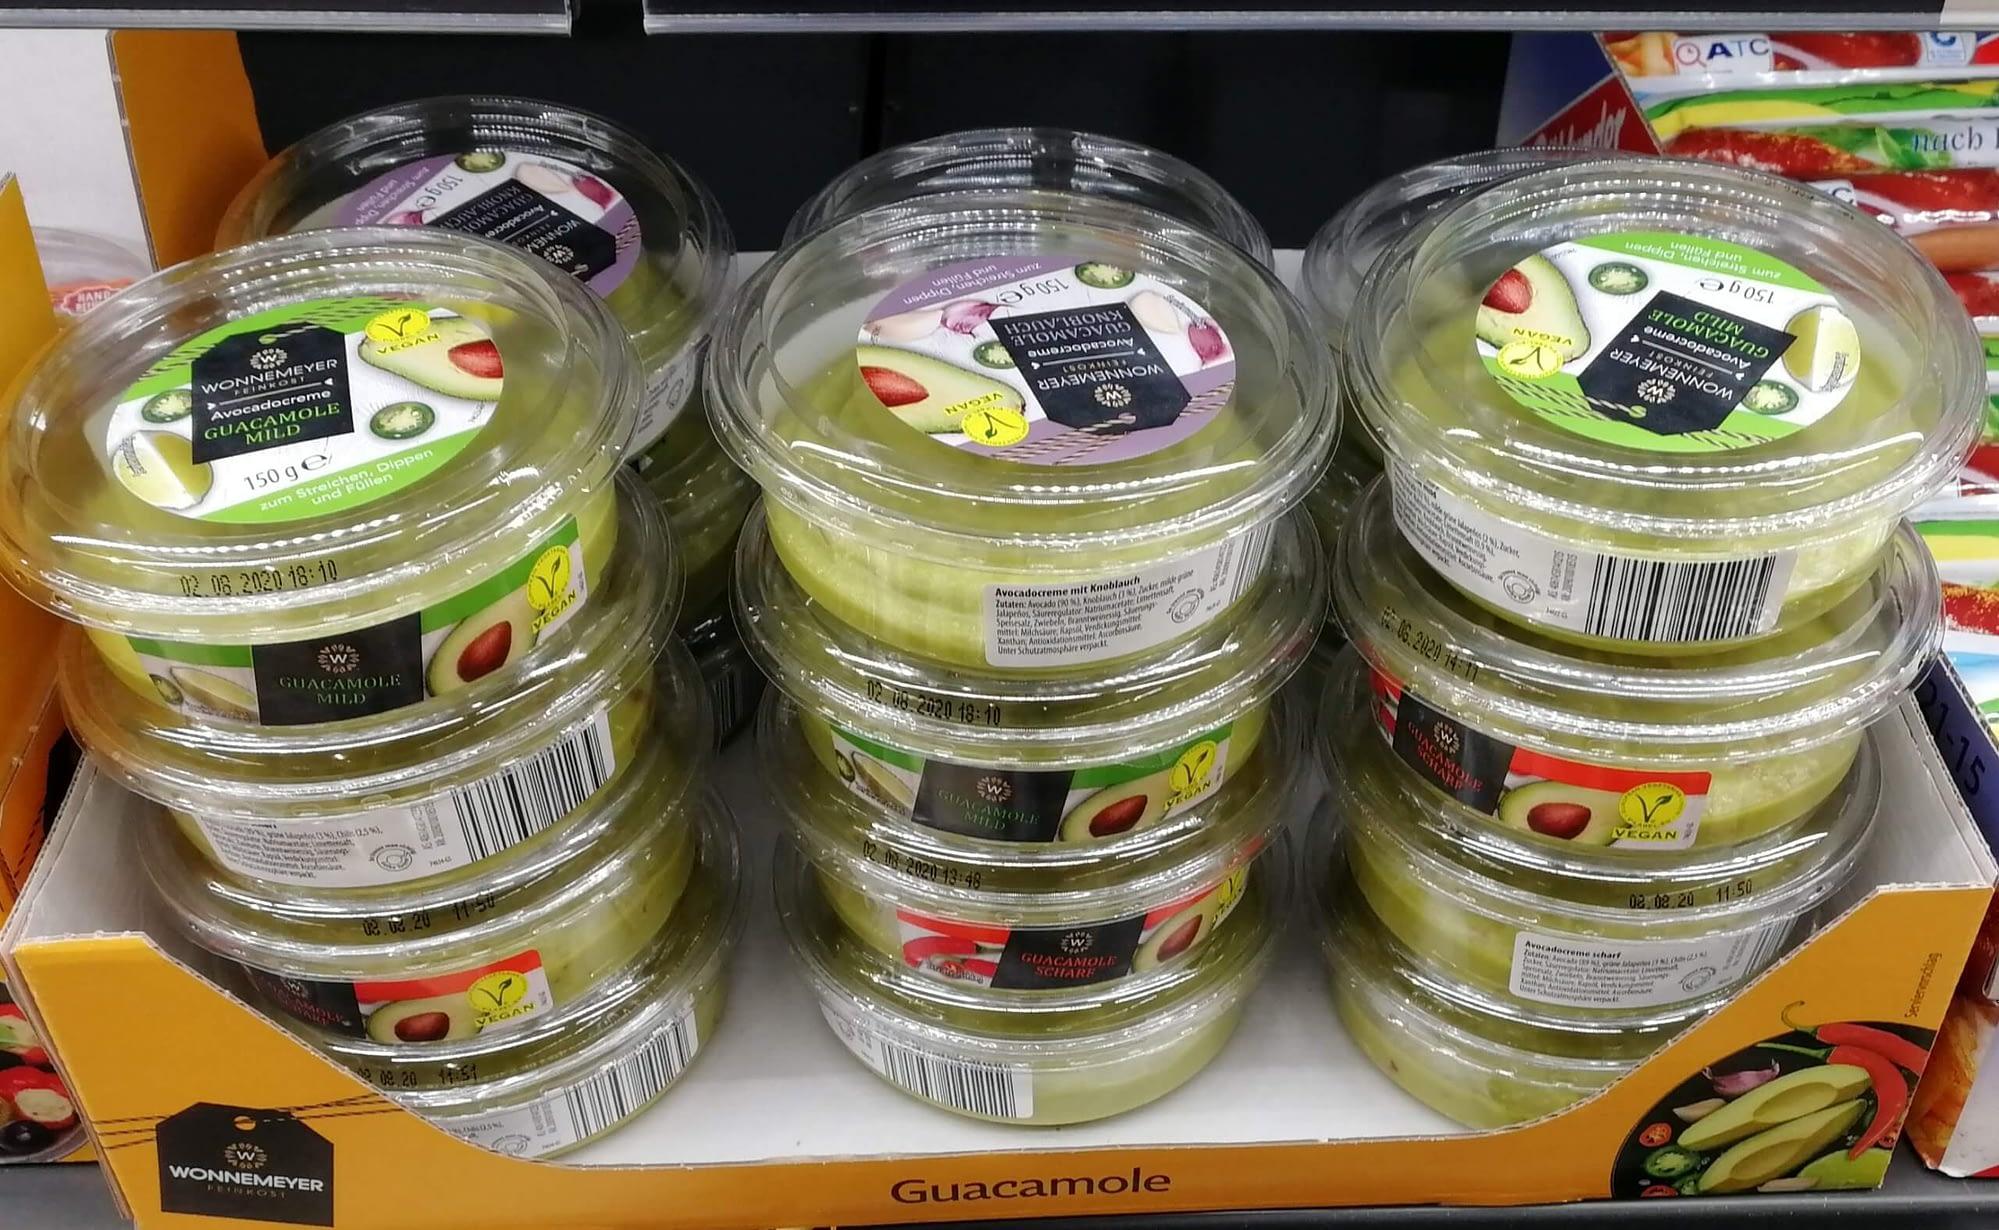 Keto-Snack-Aldi-Guacamole